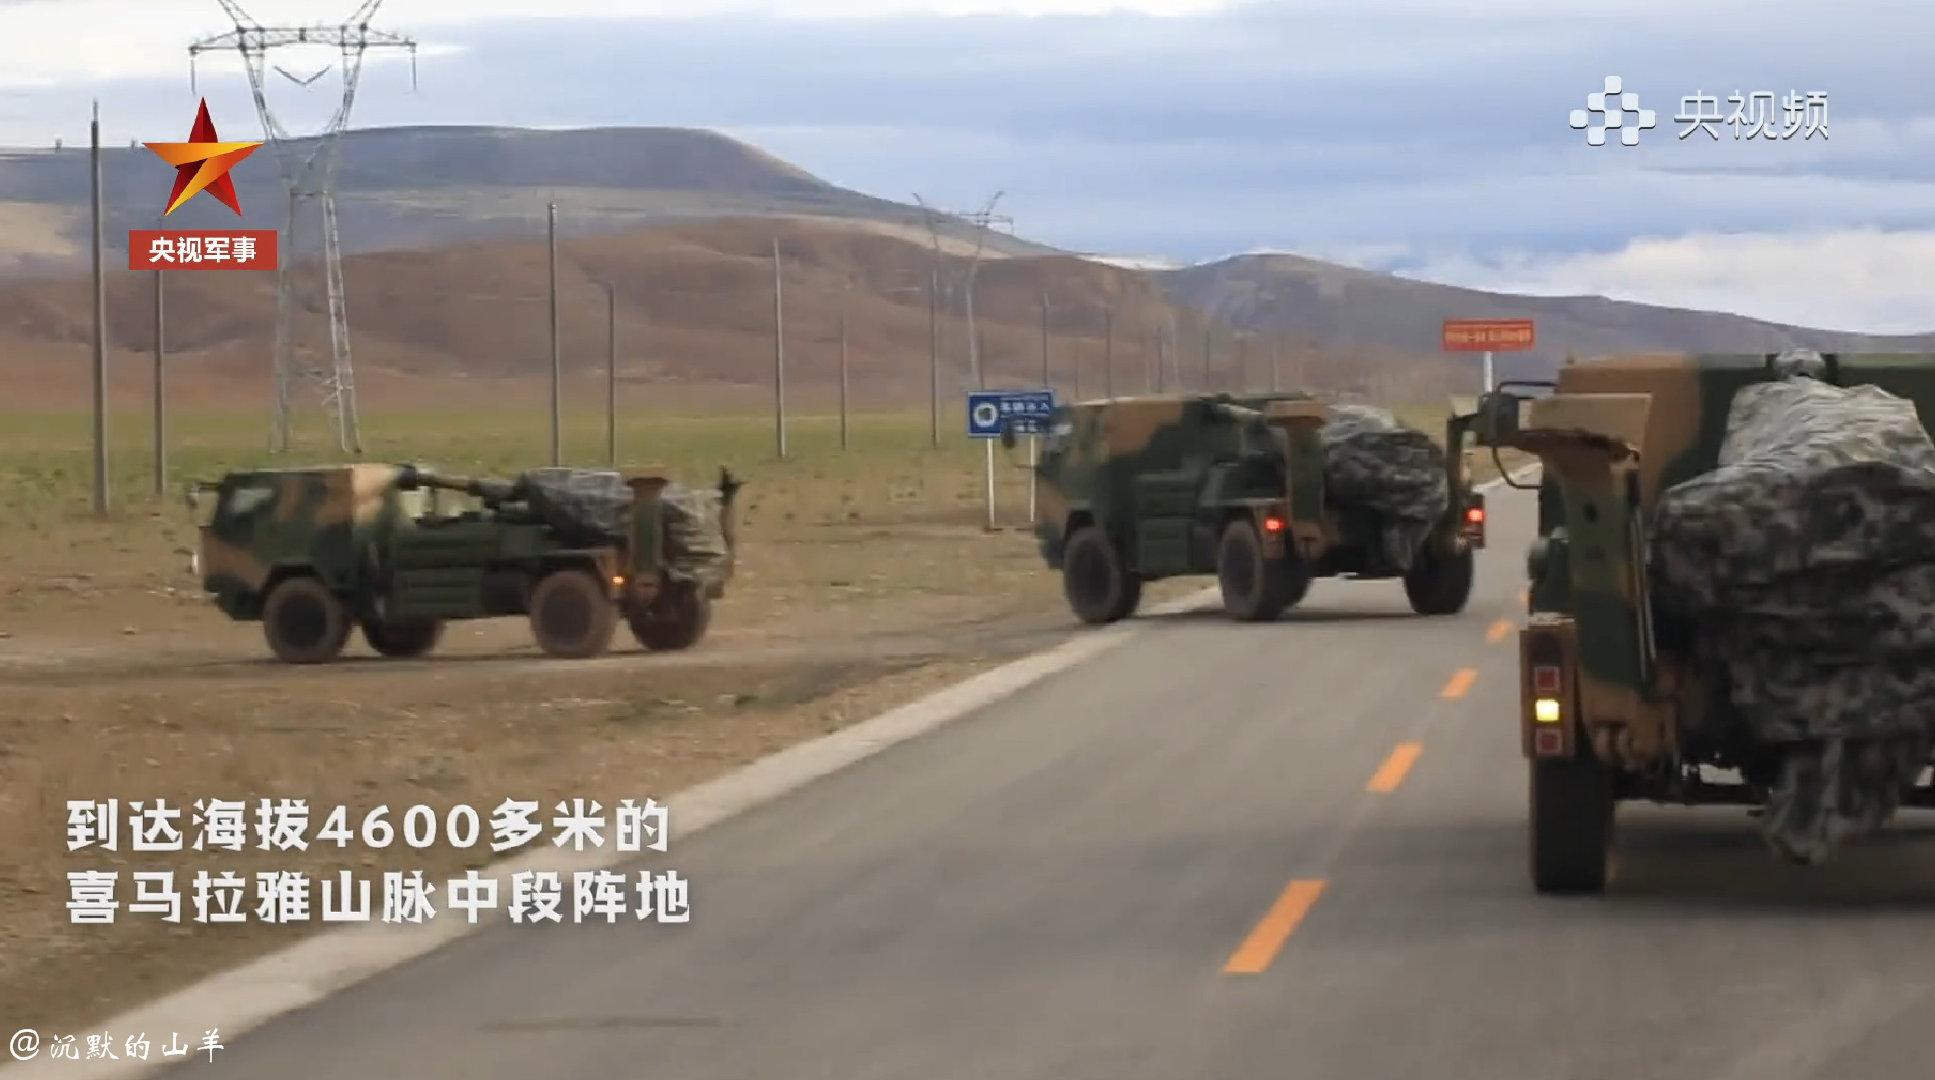 西藏军区多兵种多火器协同打击演练现场